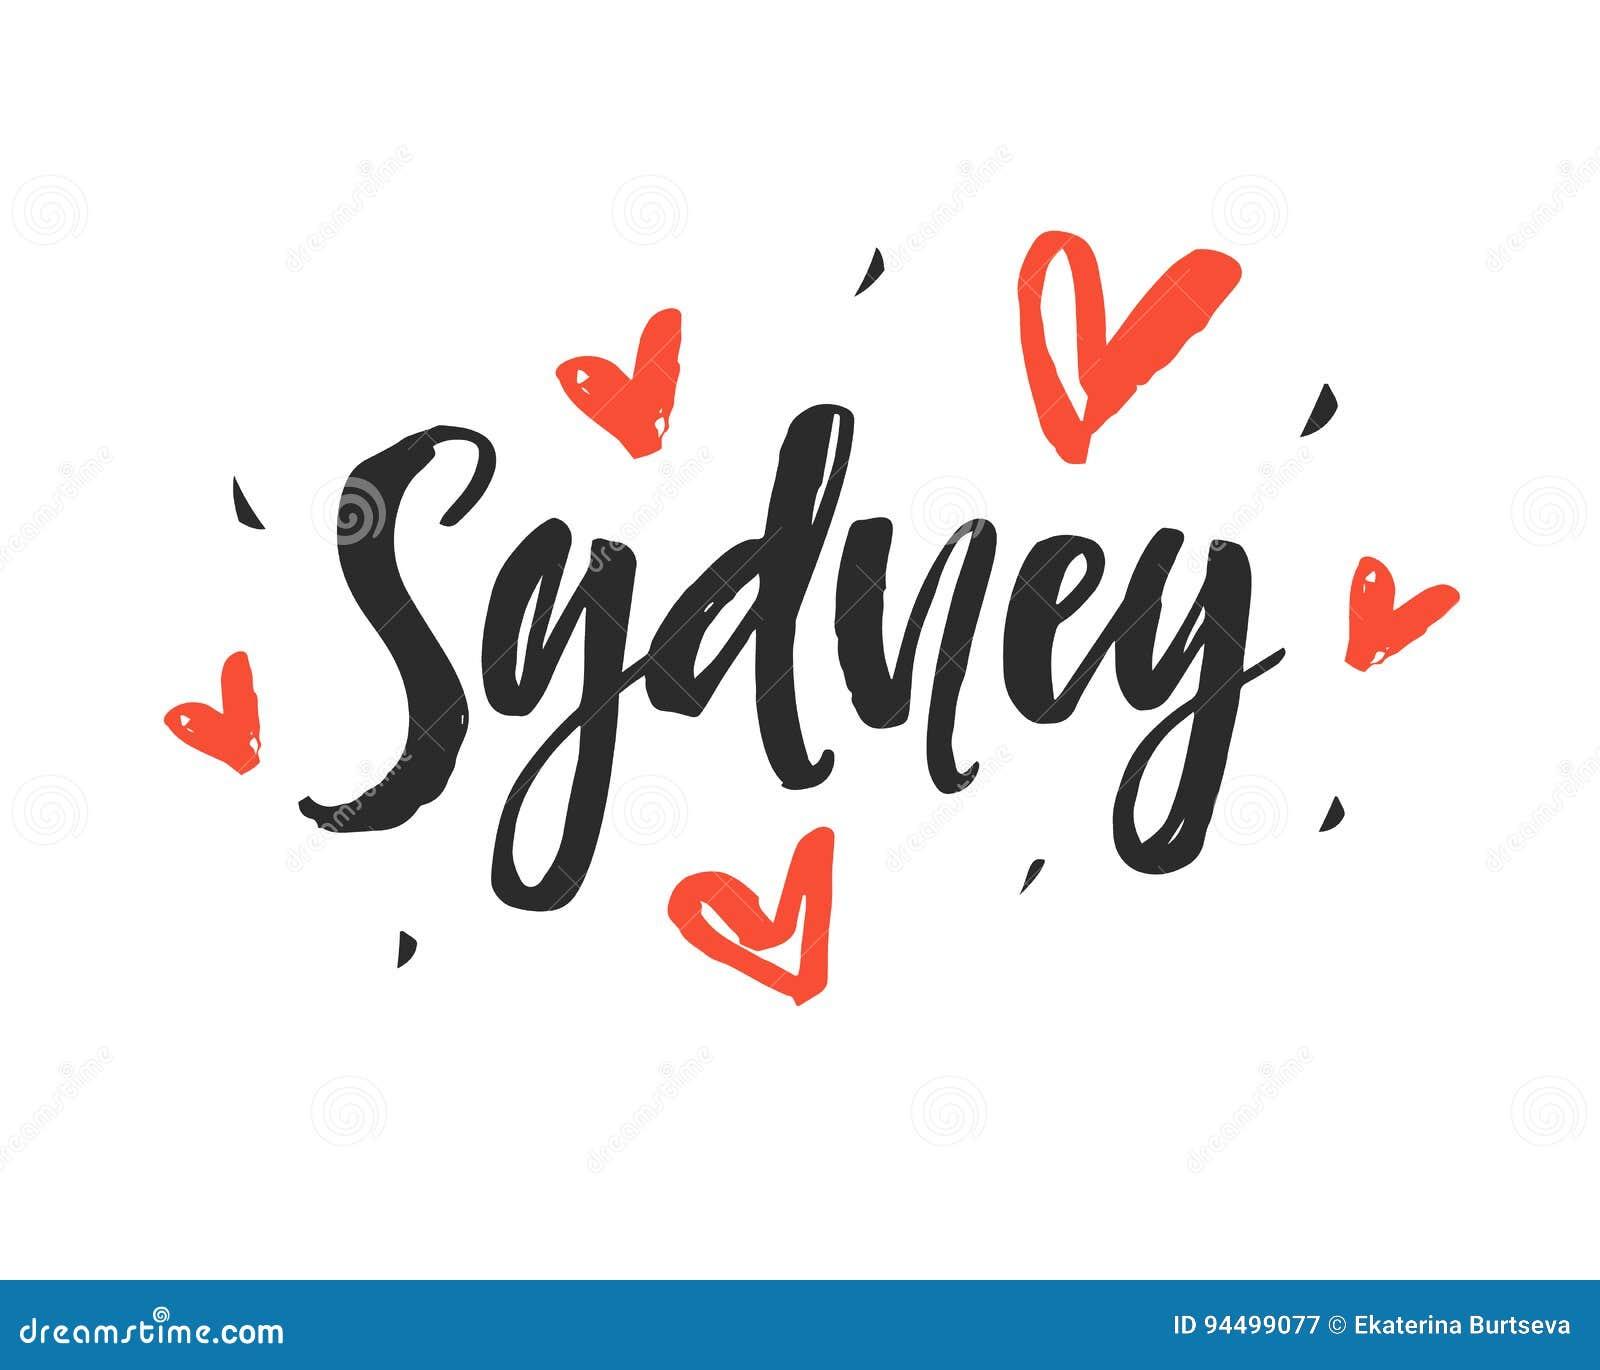 Sydney Modern City Hand Written Brush Lettering Stock Vector